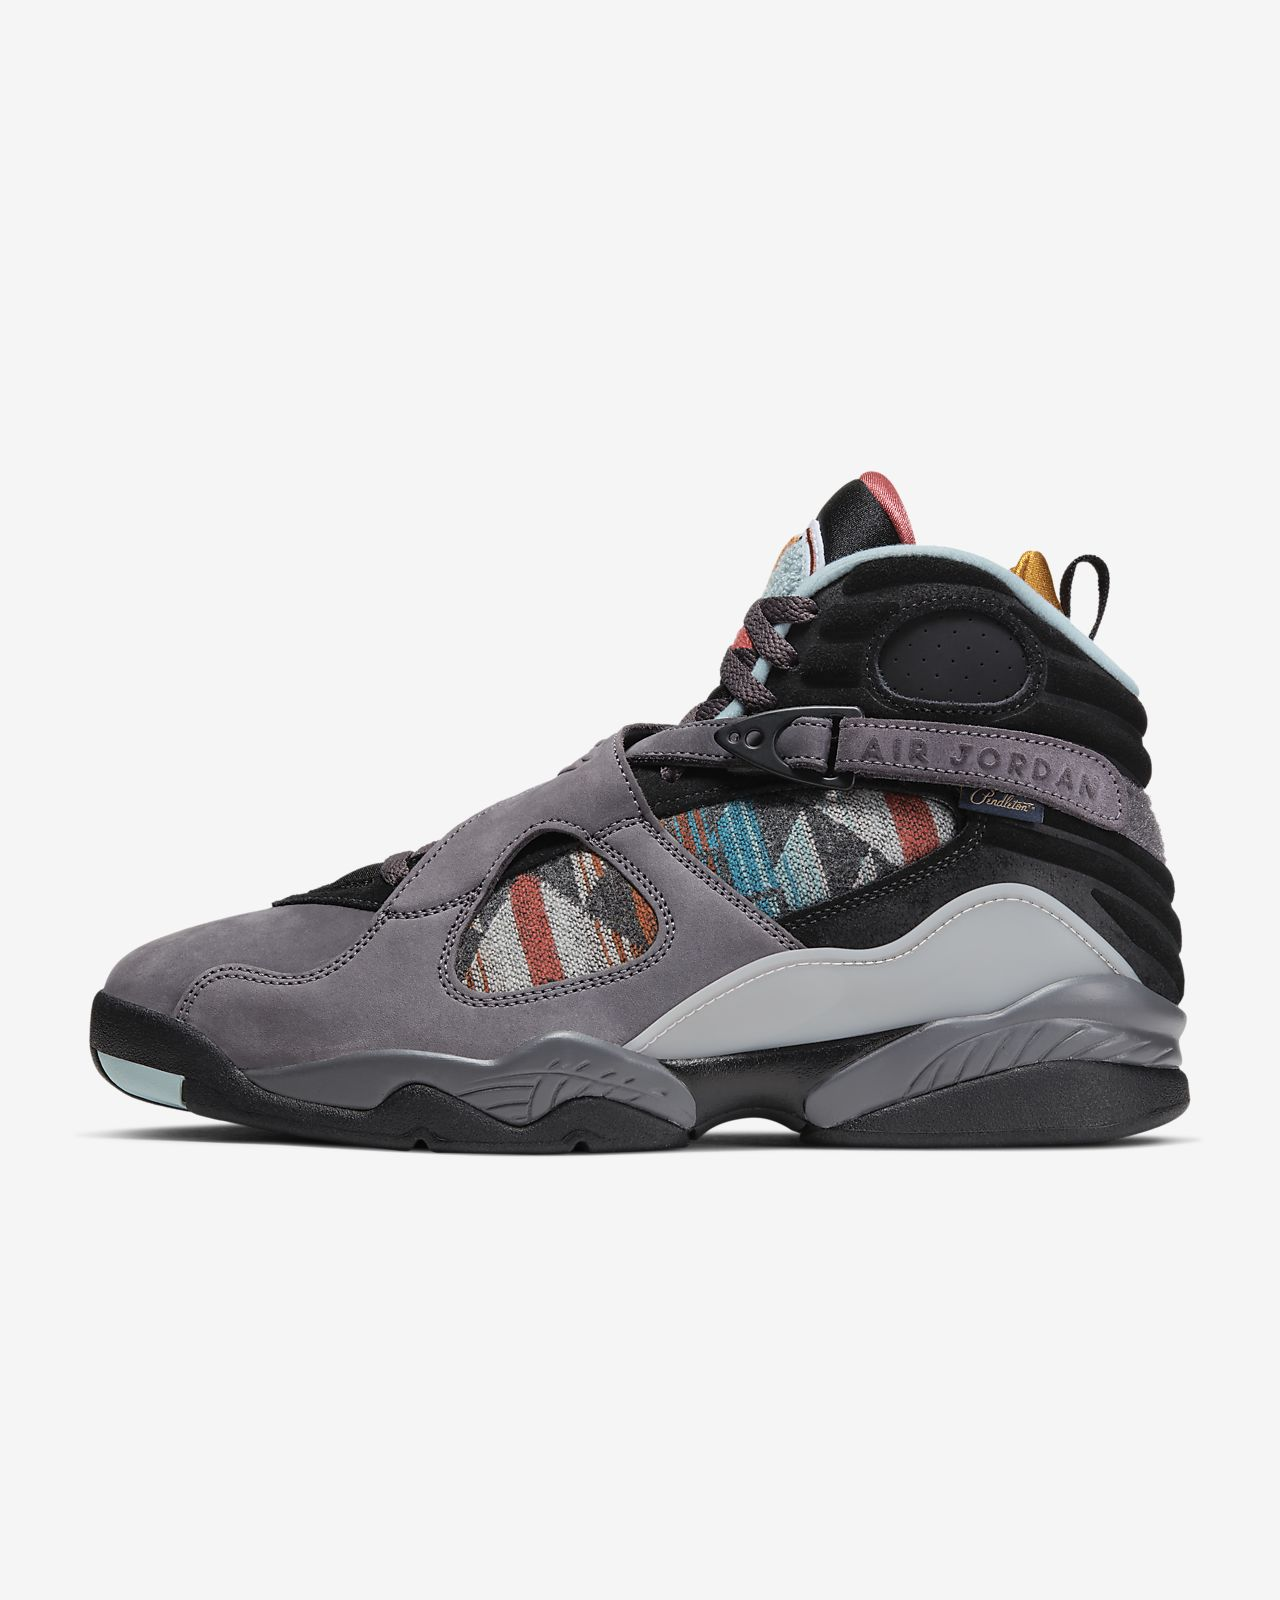 Air Jordan 8 Retro N7 x Pendleton Men's Shoe